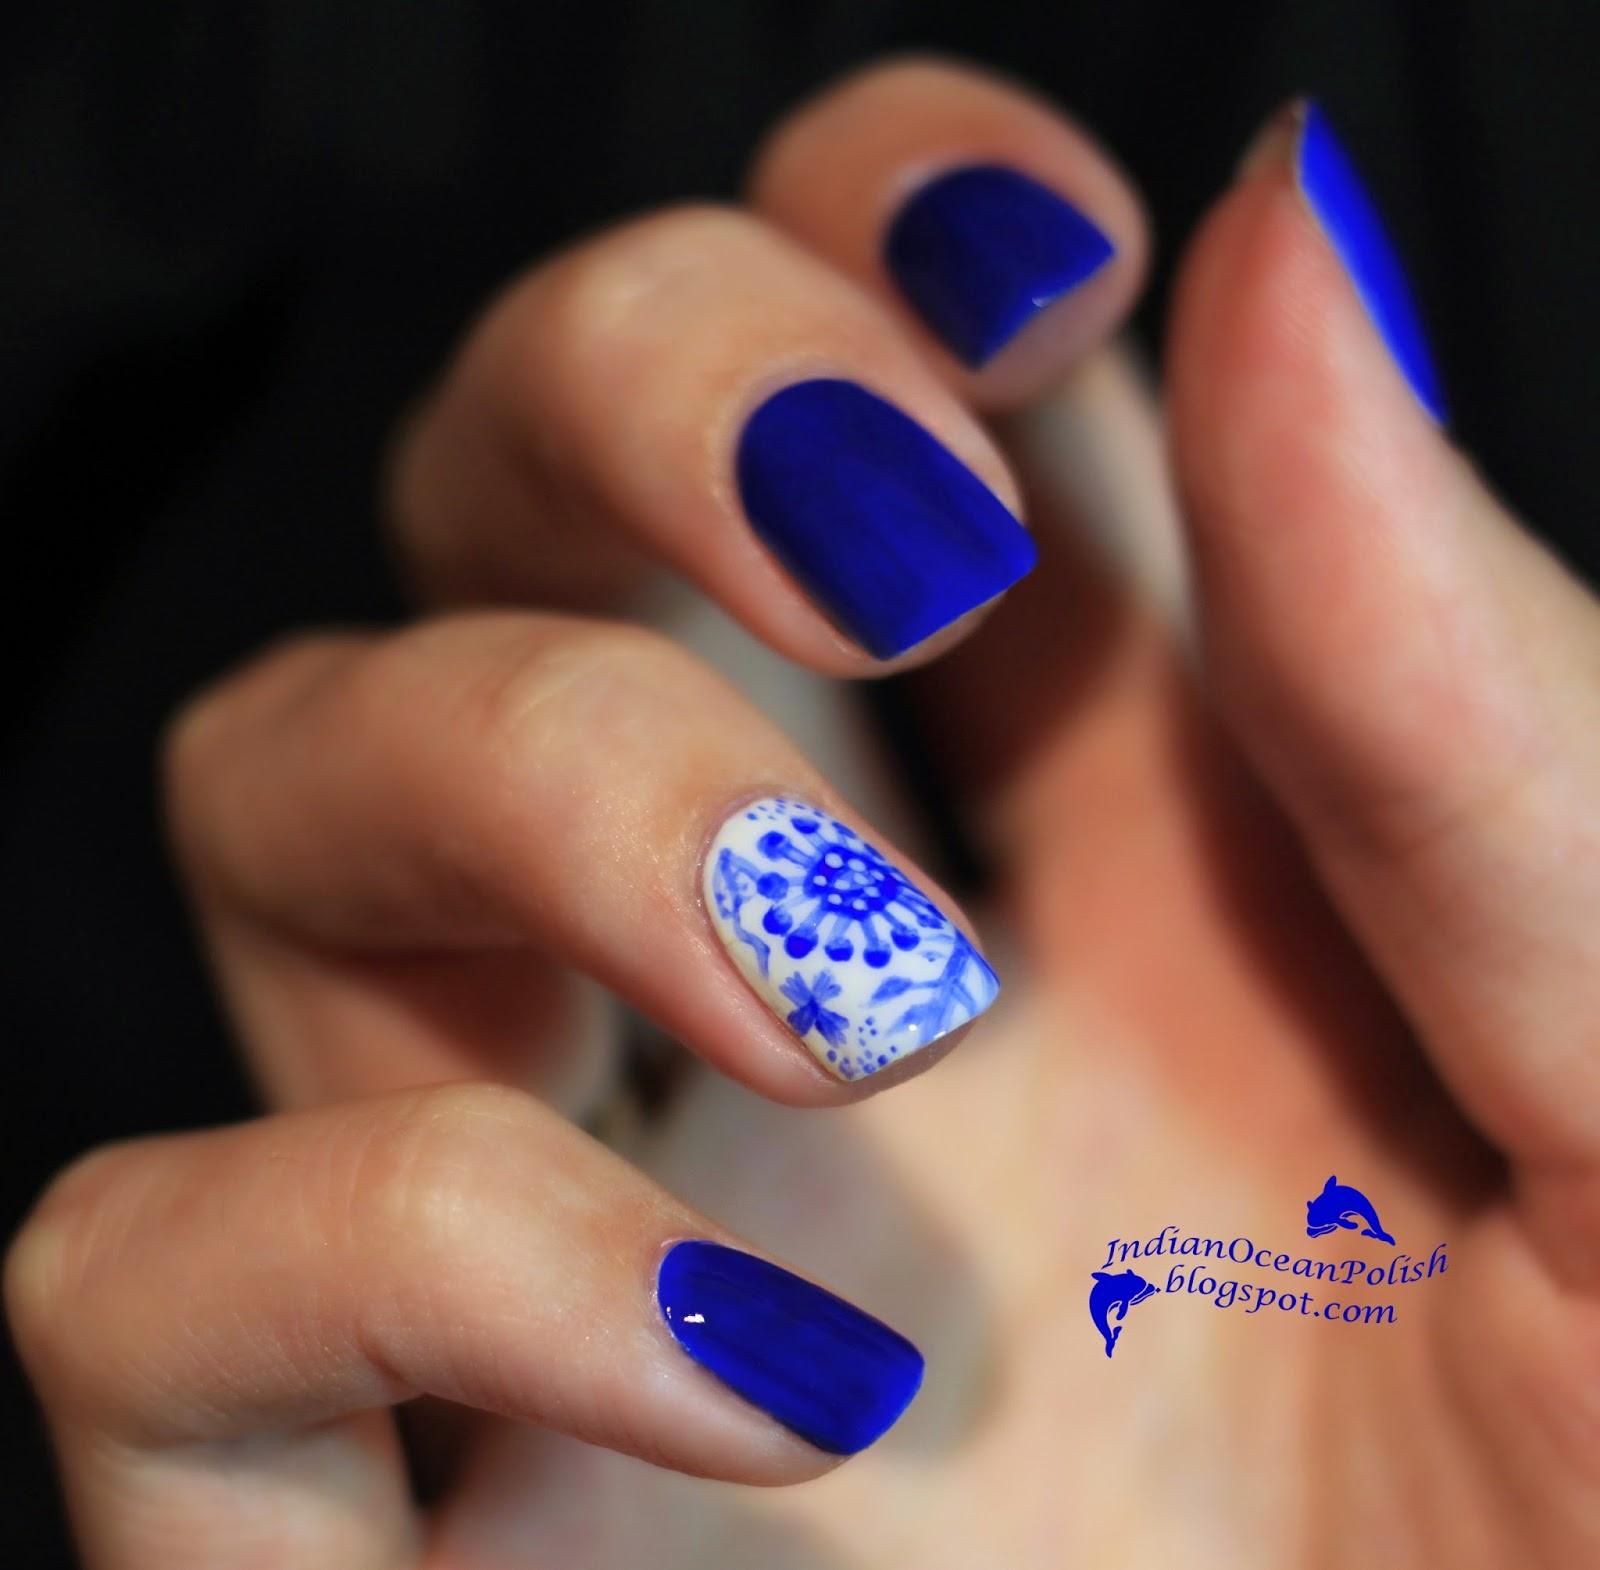 Hand Painted Nail Art Designs: Indian Ocean Polish: China Porcelain Nails :